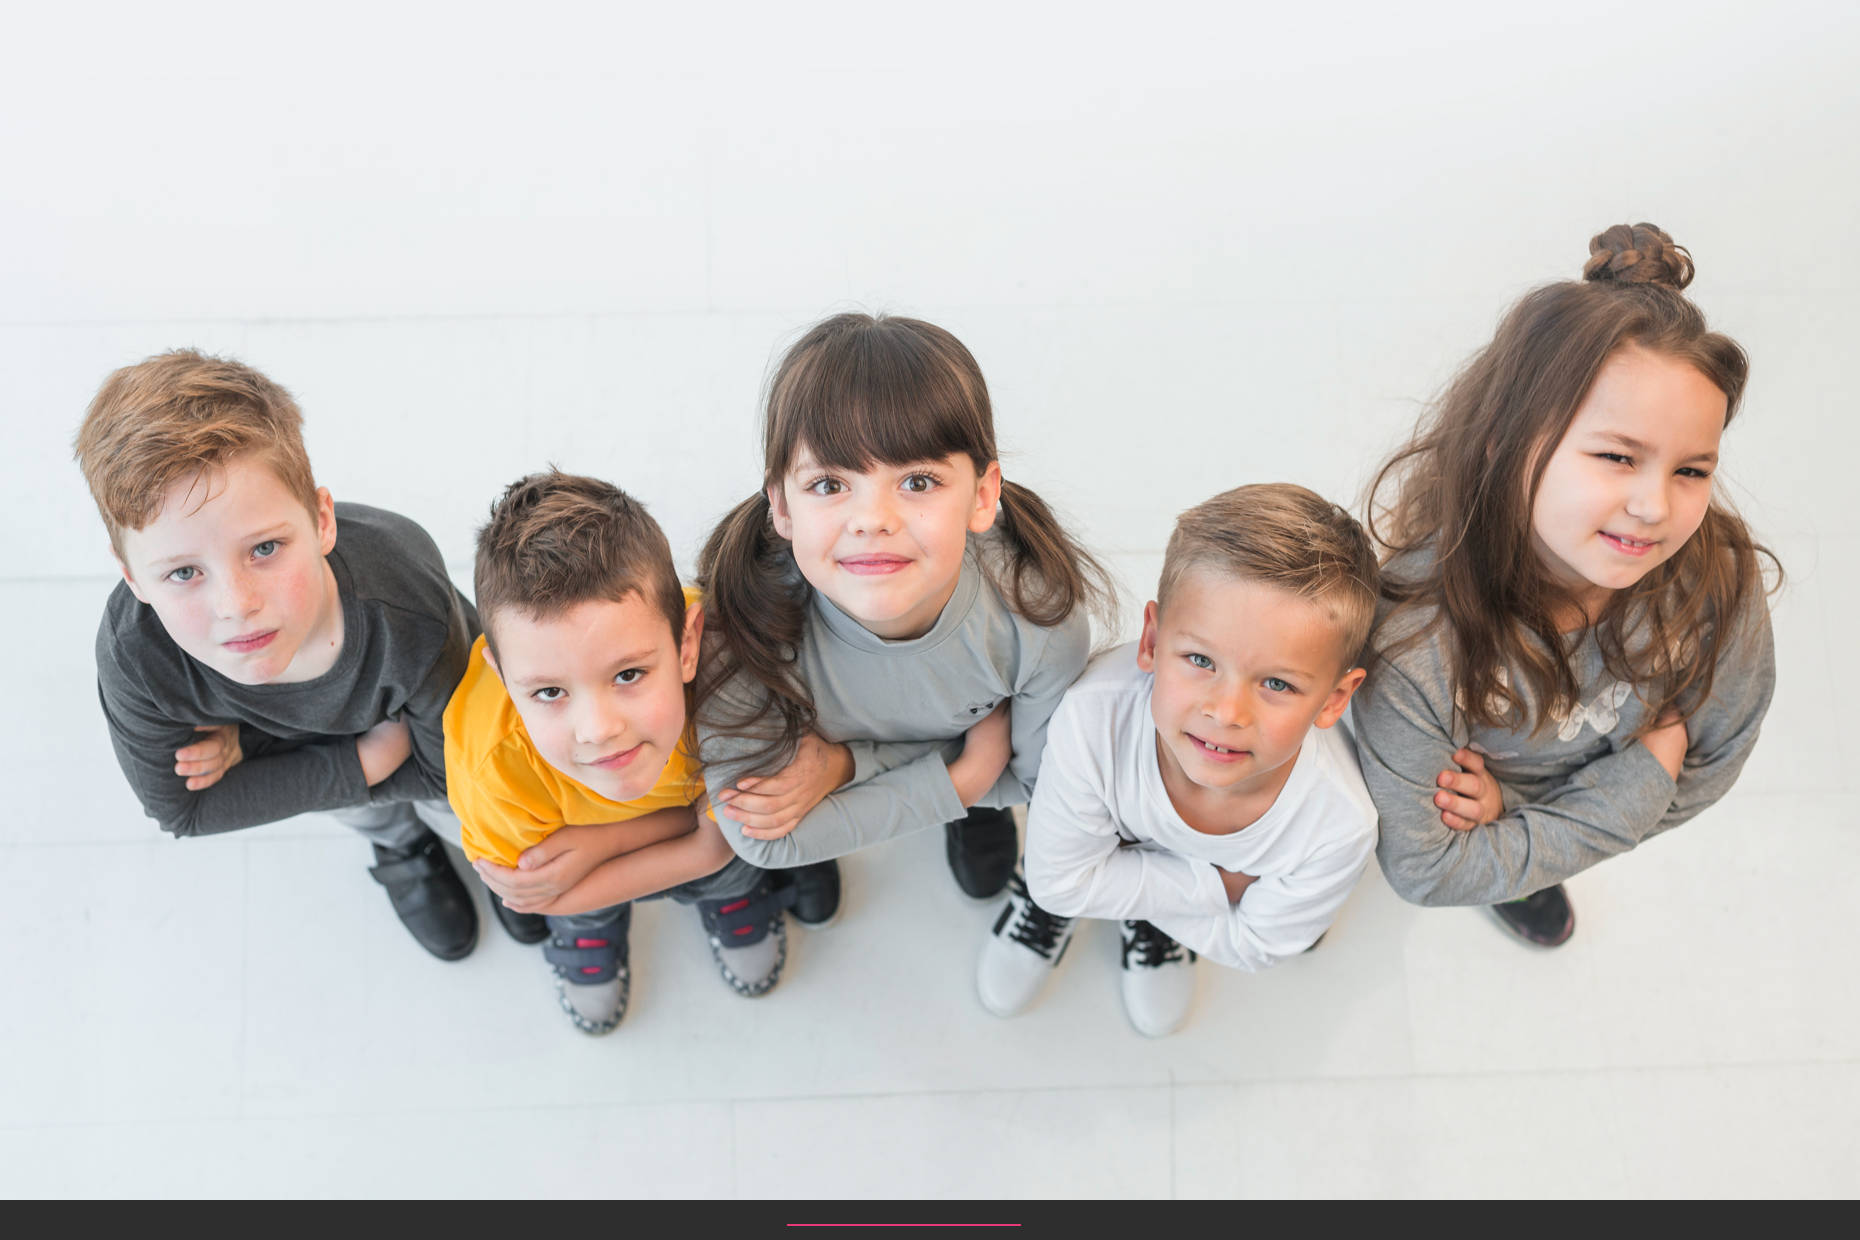 Altersgerechte Aufgaben für Kinder 8